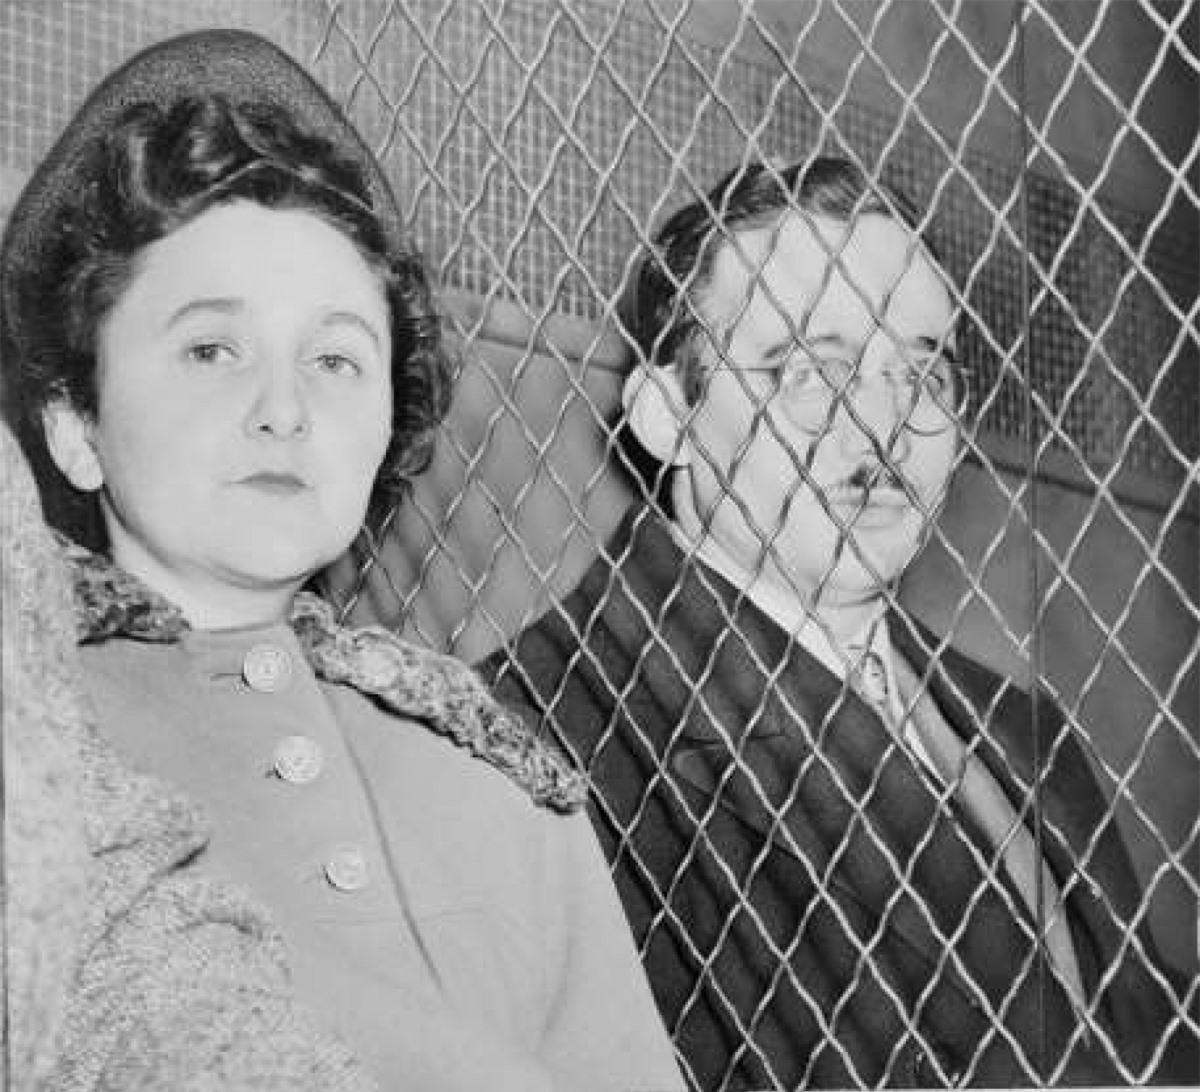 Julius (1917–1953) và Ethel (1916–1953) Rosenberg: Là những công dân Mỹ, gia đình Rosenberg bị cáo buộc cung cấp các thông tin tuyệt mật về công nghệ vũ khí cho Liên Xô trong suốt Chiến tranh Lạnh.